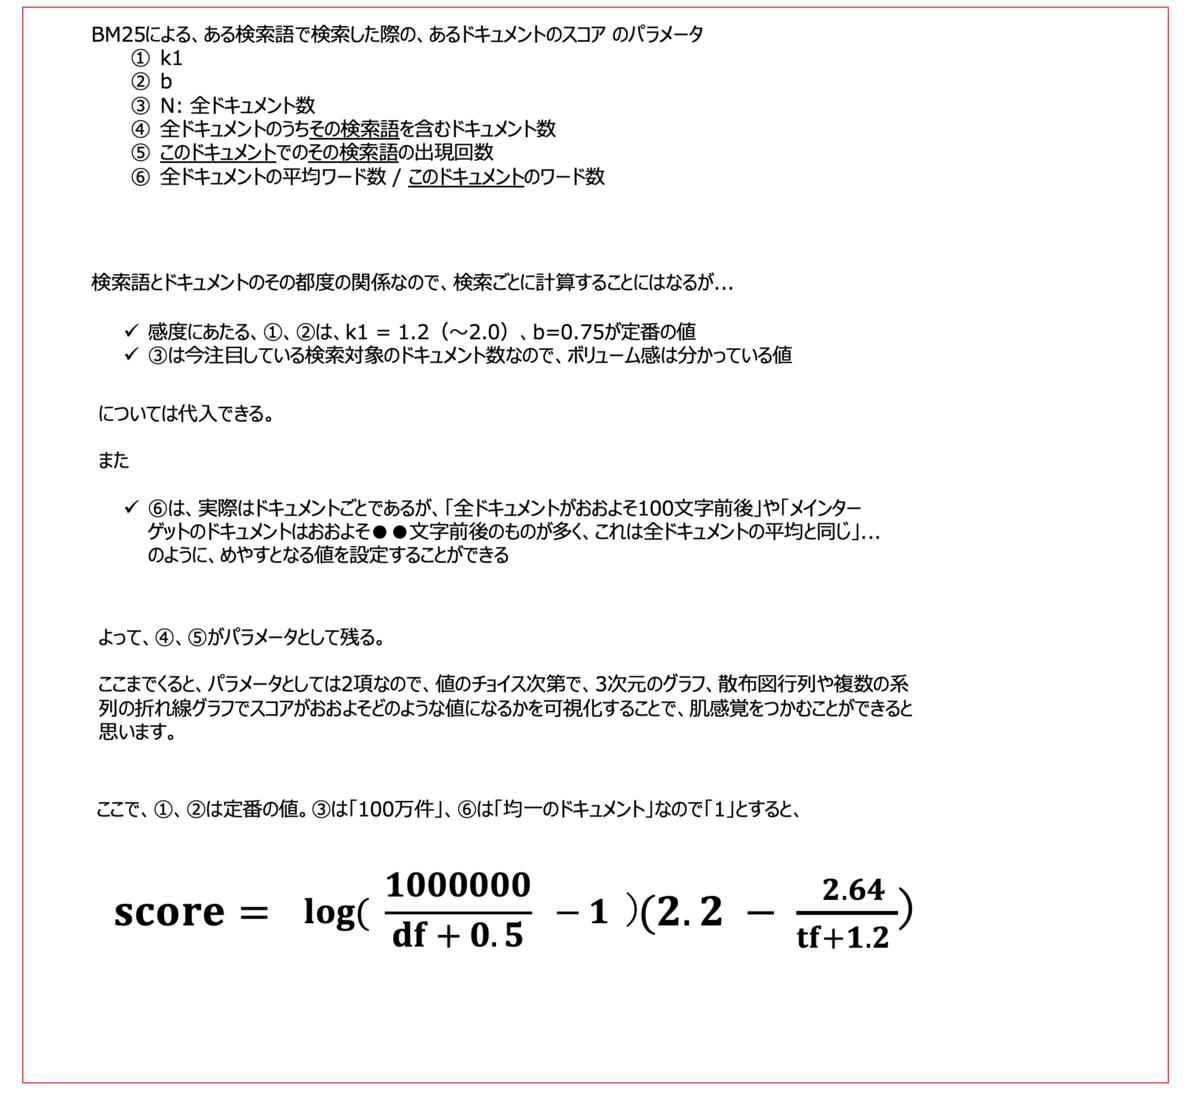 f:id:azotar:20200105103026p:plain